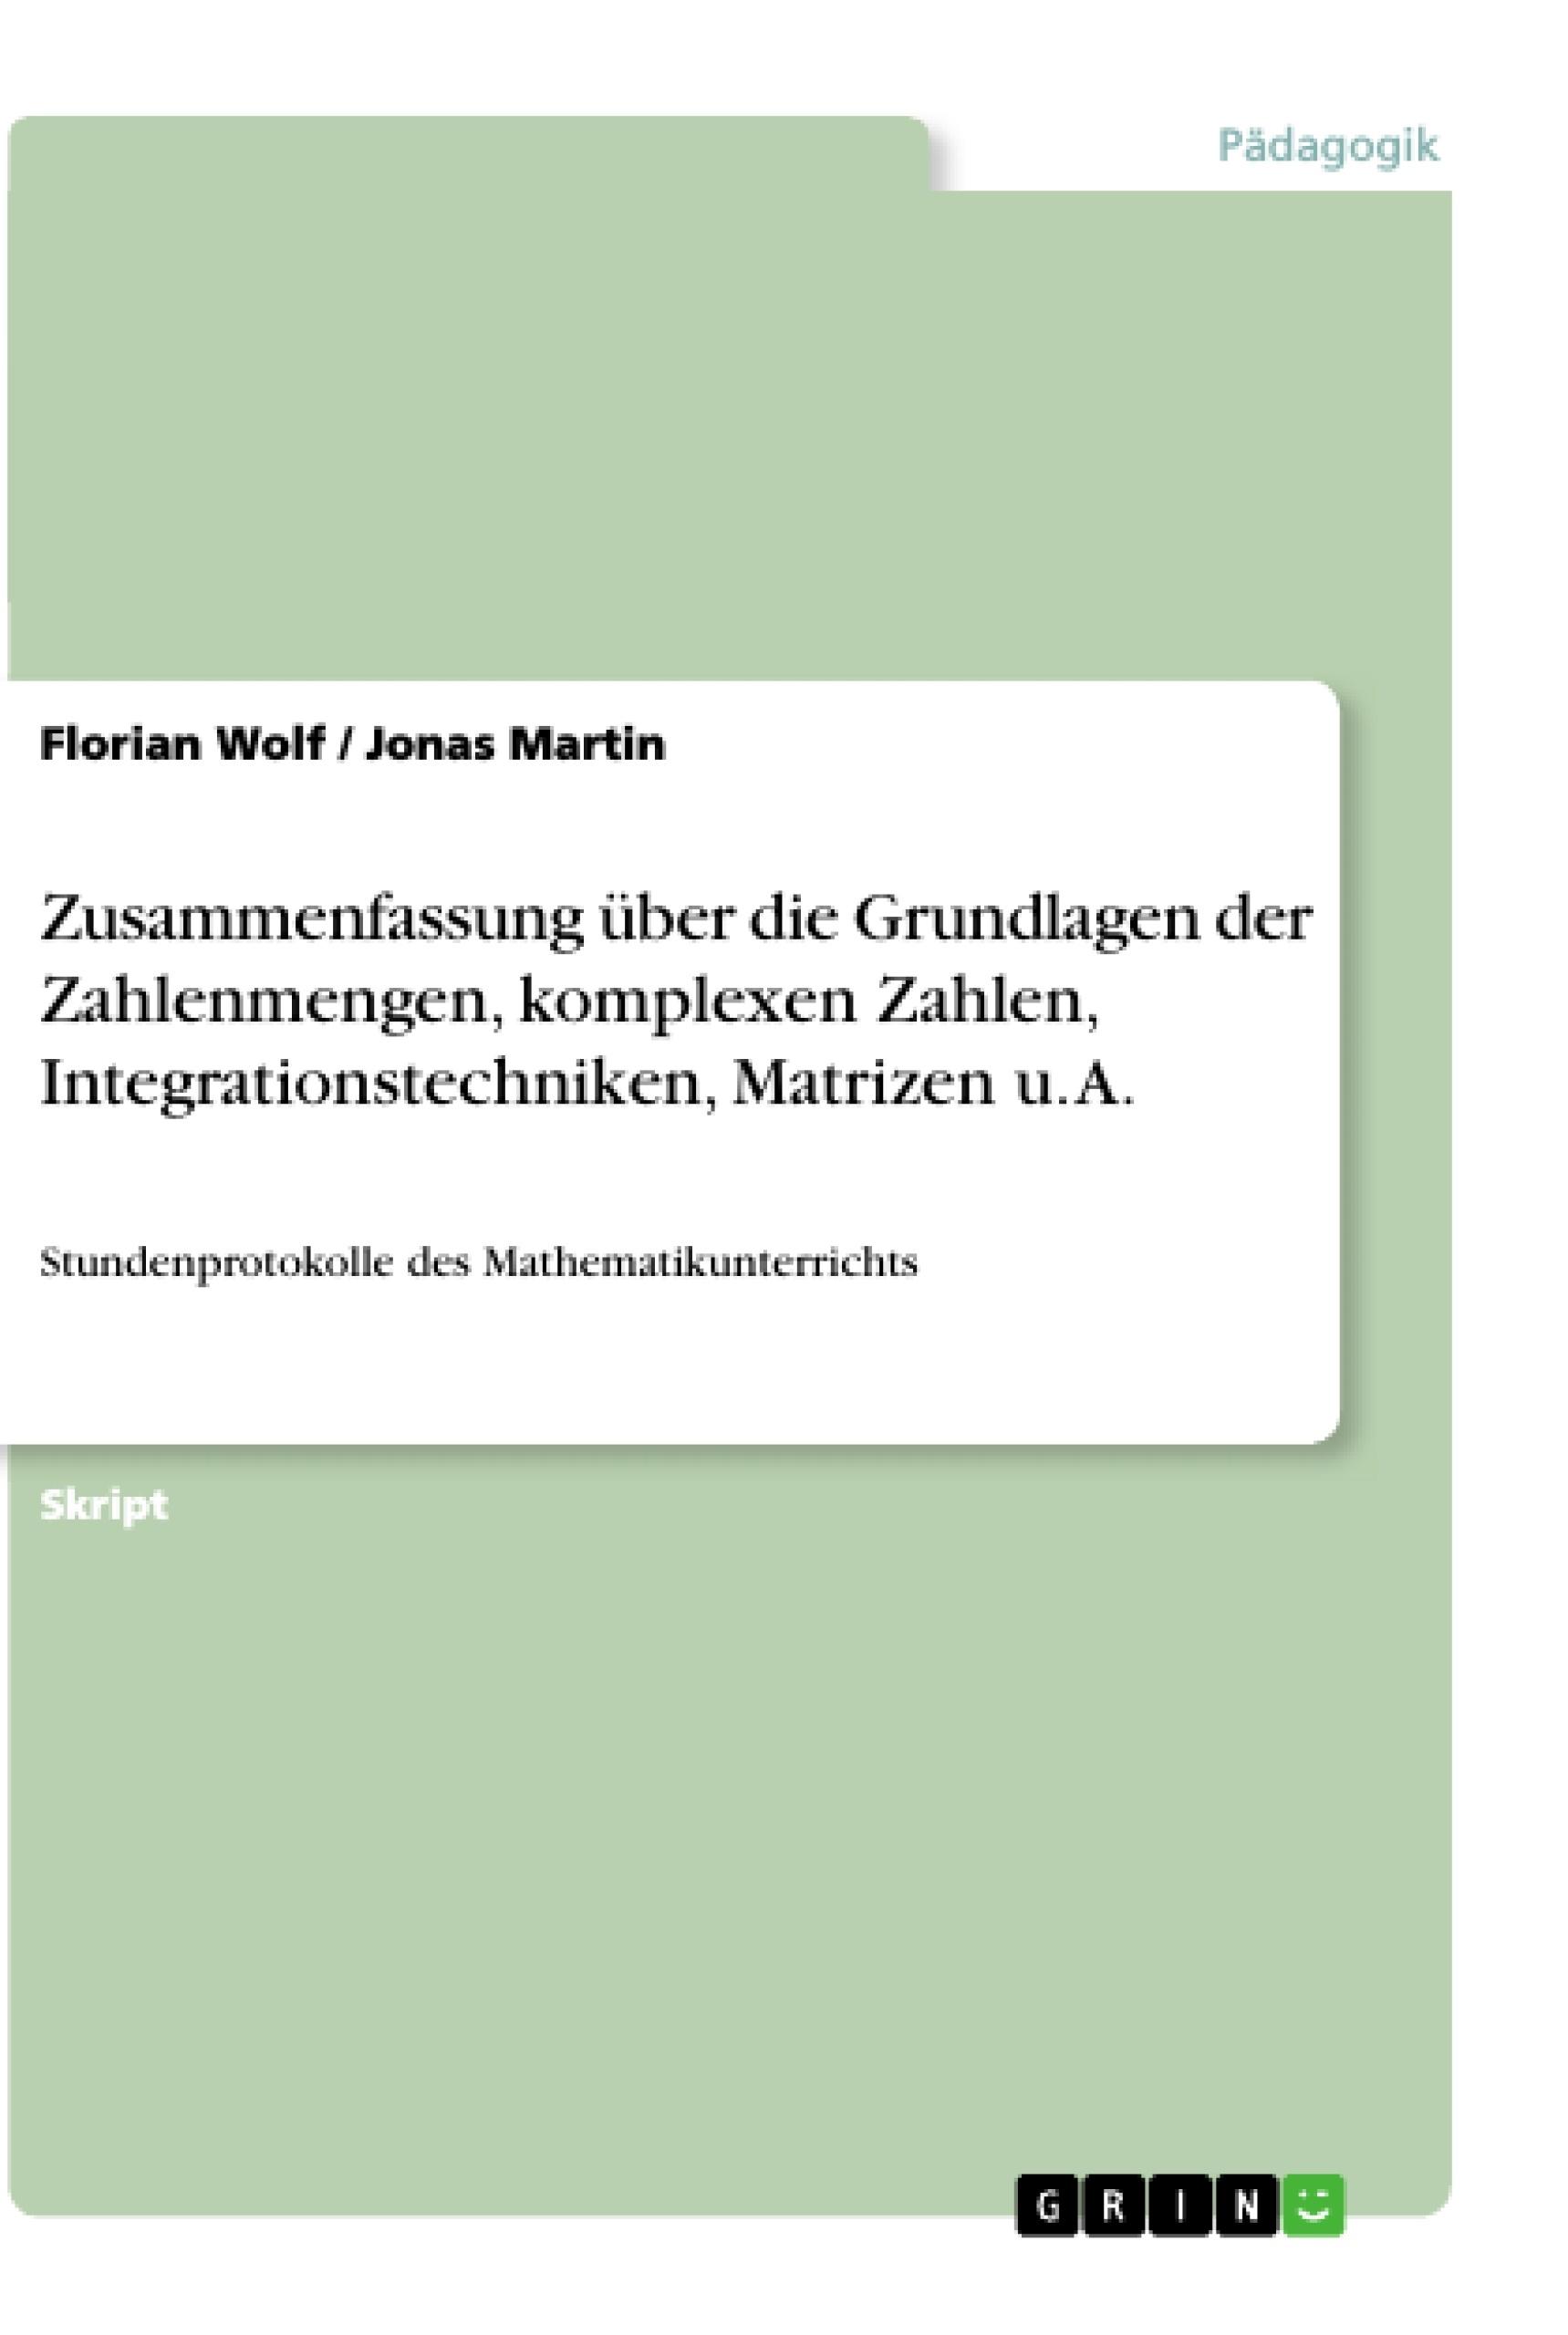 Titel: Zusammenfassung über die Grundlagen der Zahlenmengen, komplexen Zahlen, Integrationstechniken, Matrizen u. A.